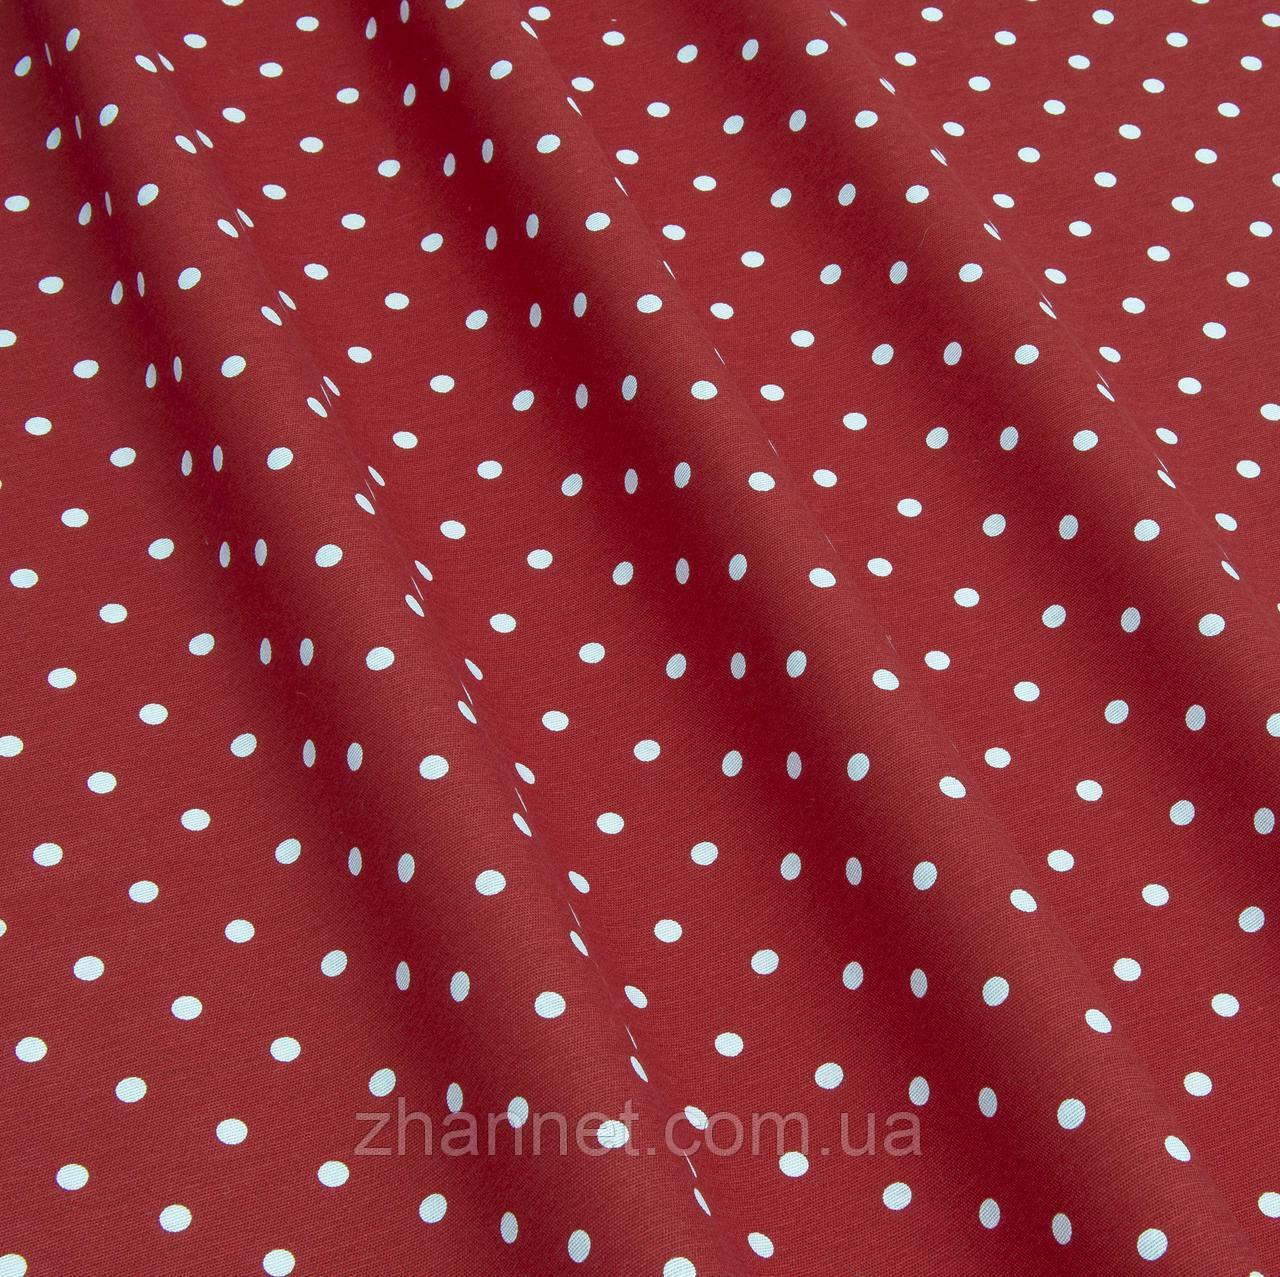 Копия Ткань Sevilla горох красный фон